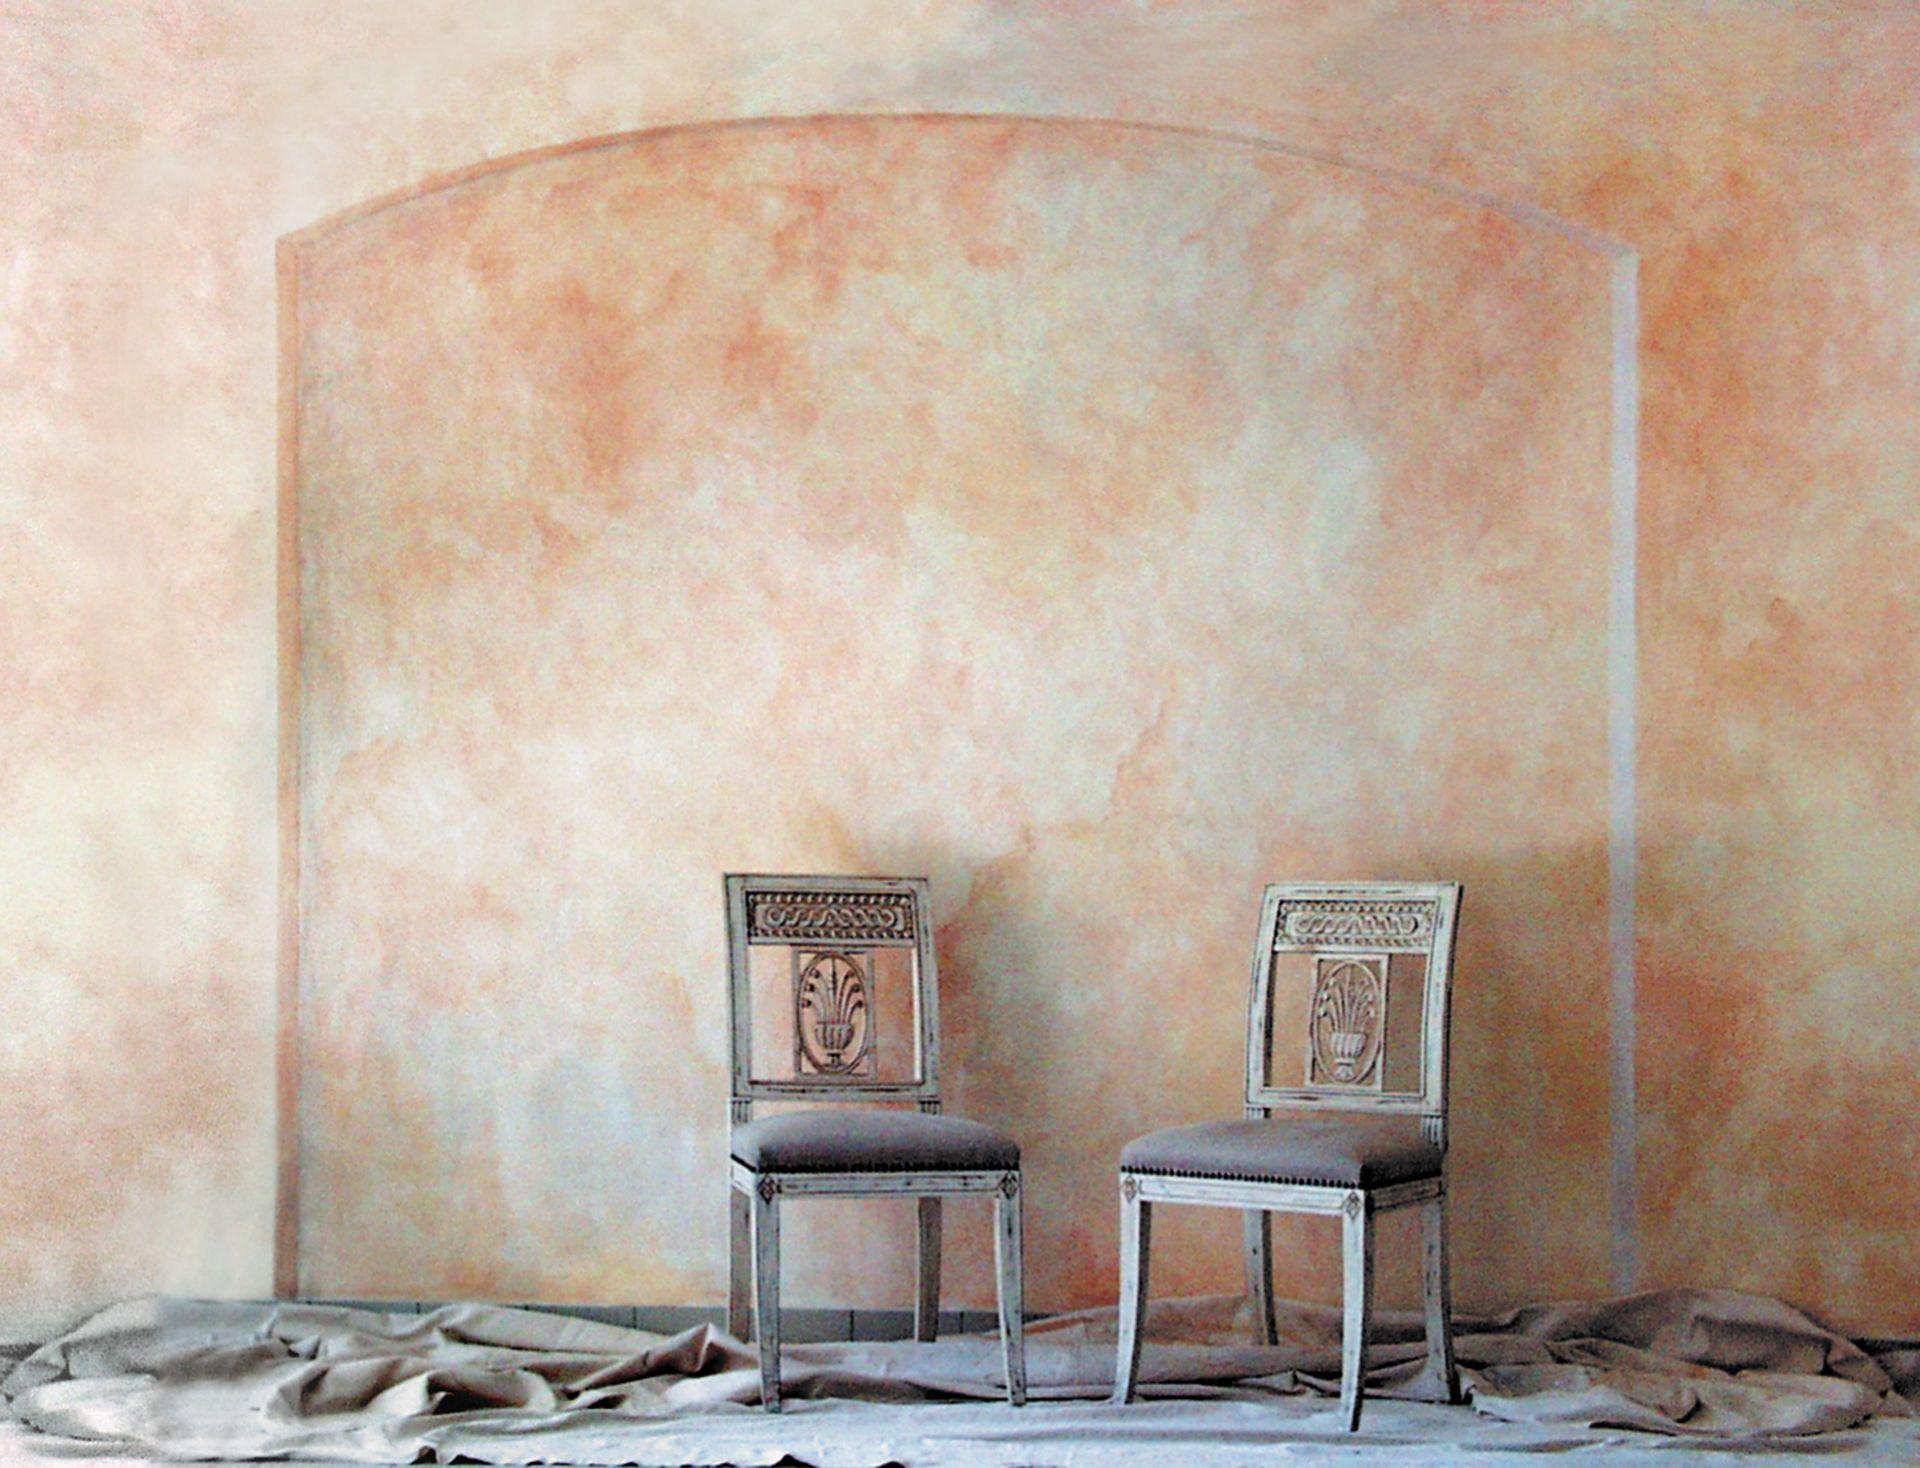 Berühmt Schritt für Schritt: Wand lasieren mit Pigmenten - bauemotion.de WY73